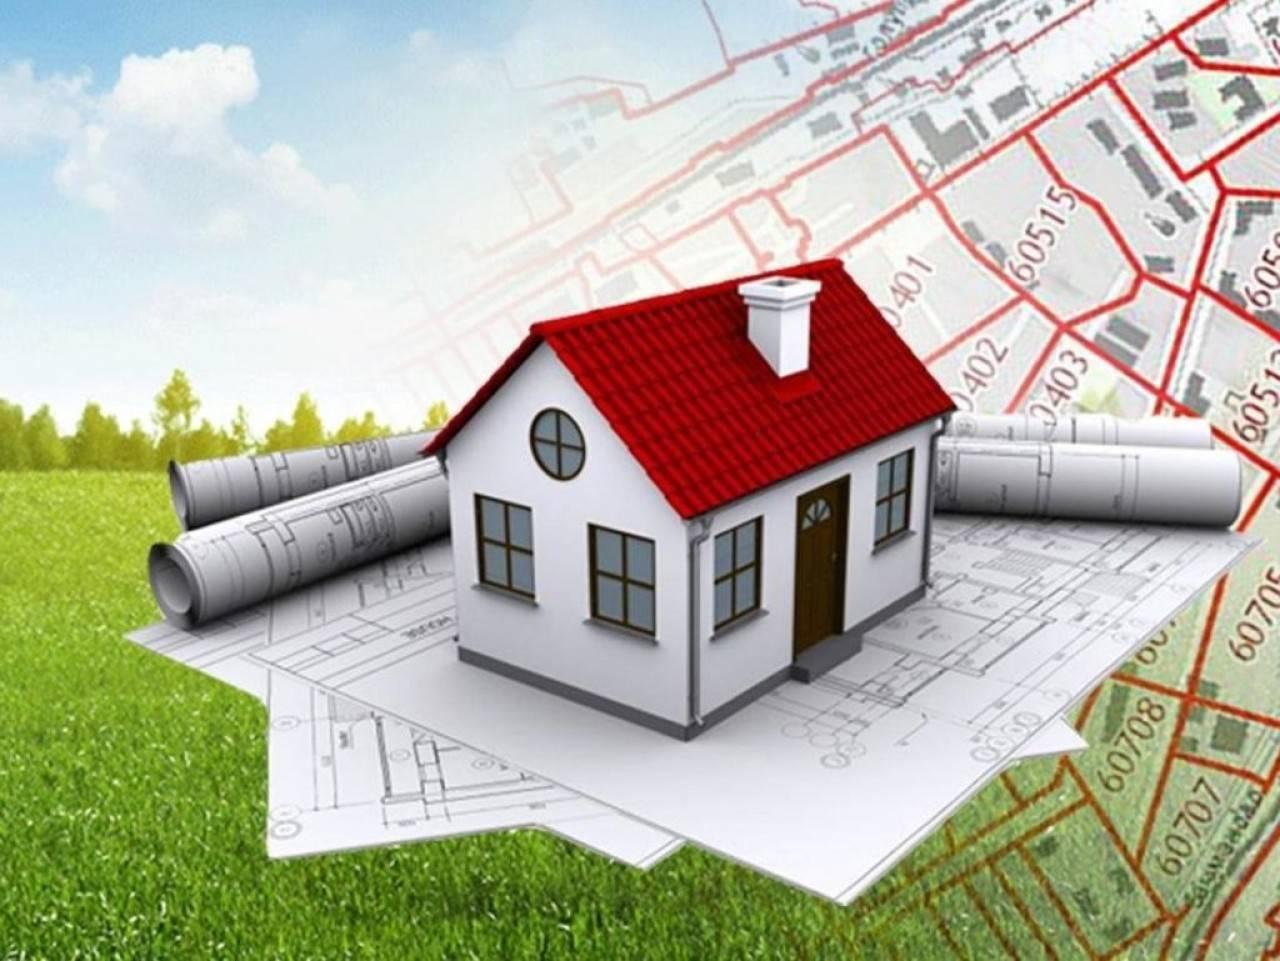 Оценка кадастровой стоимости земельного участка: что делать при завышенном значении и как его оспорить